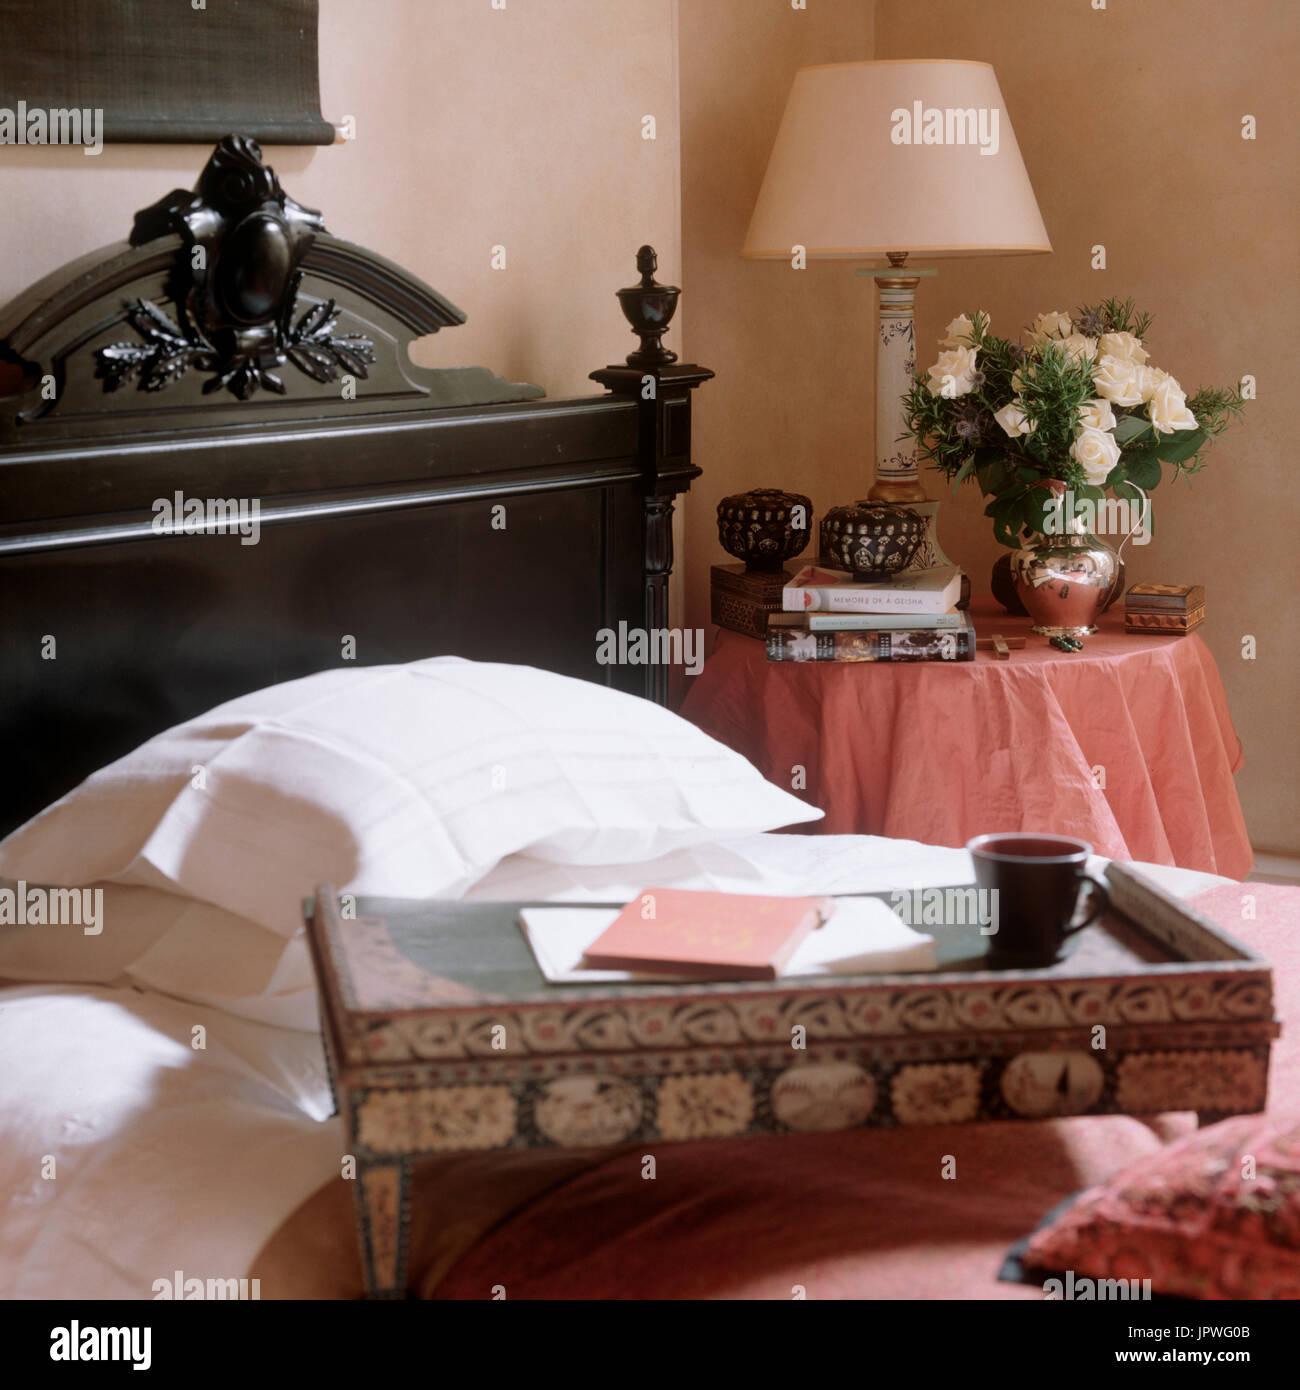 Bandeja en la cama Imagen De Stock